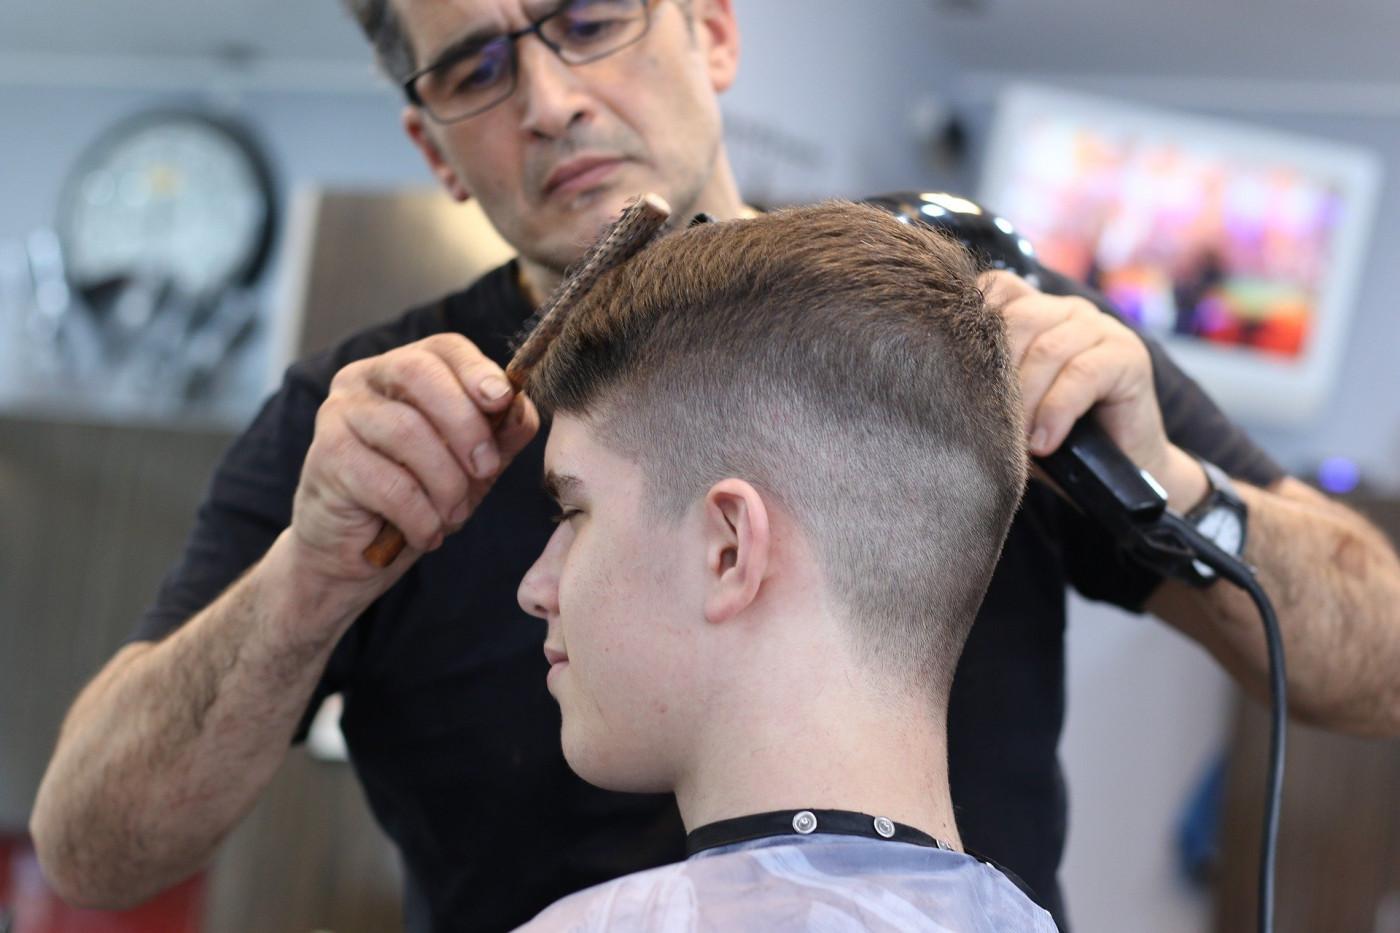 Homem corta cabelo de cliente em um salão de beleza